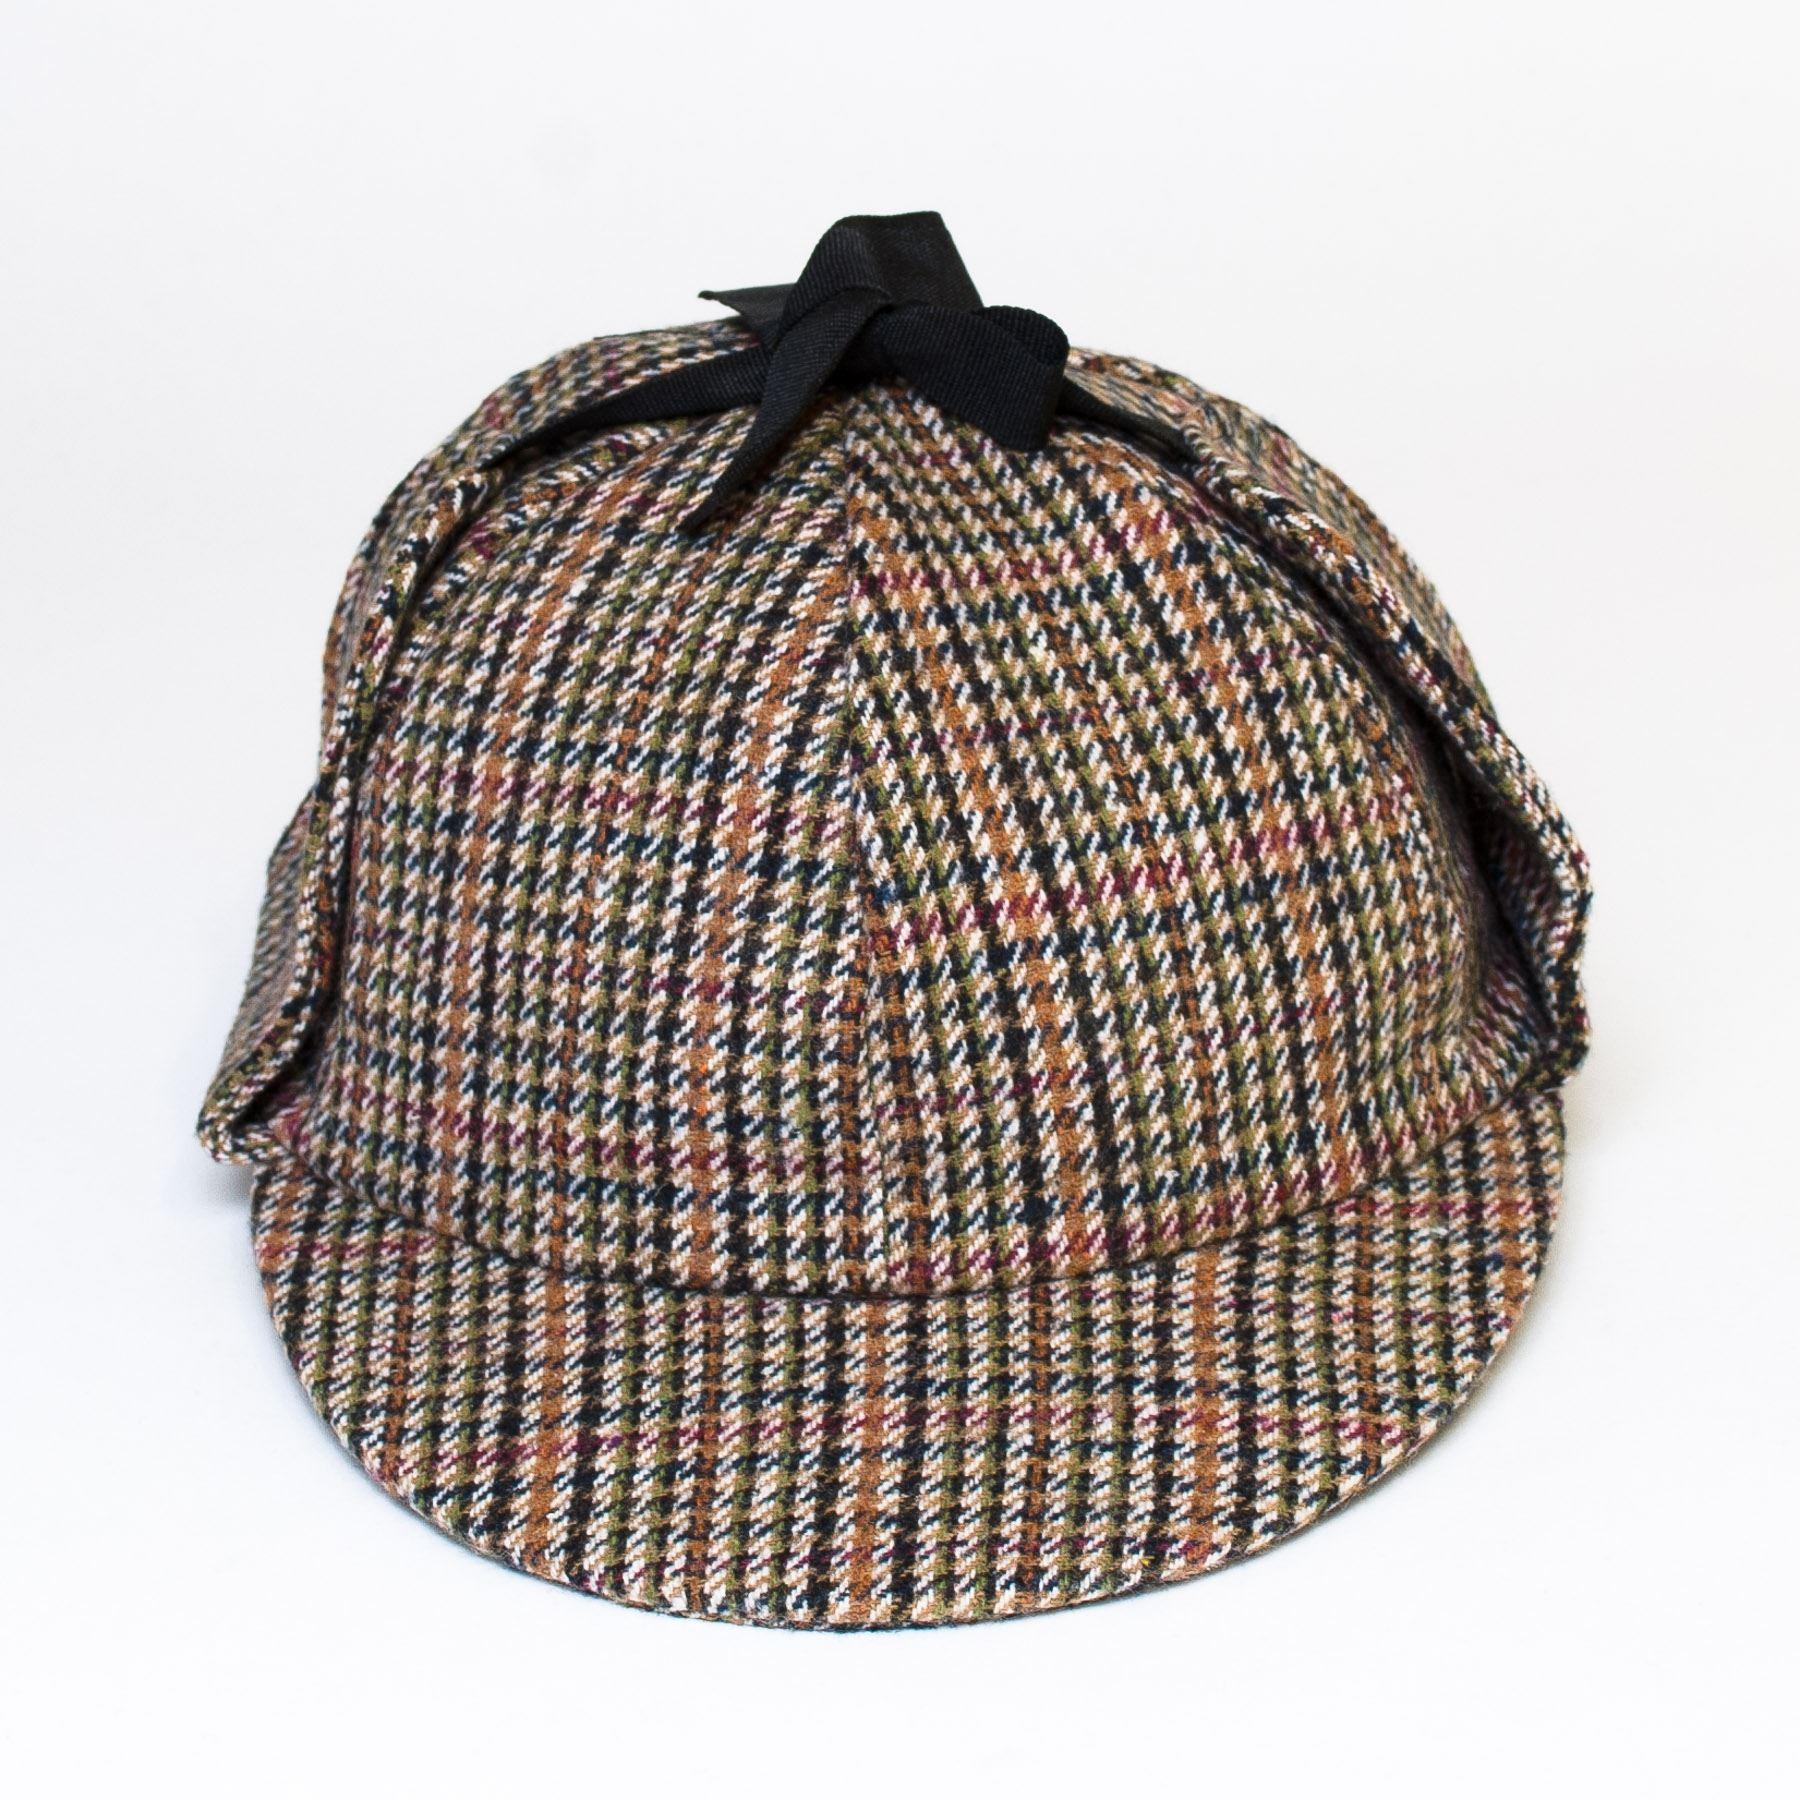 günstig wähle spätestens wähle authentisch Details about Wool Blend Sherlock Holmes Style Hat with Black Ribbon